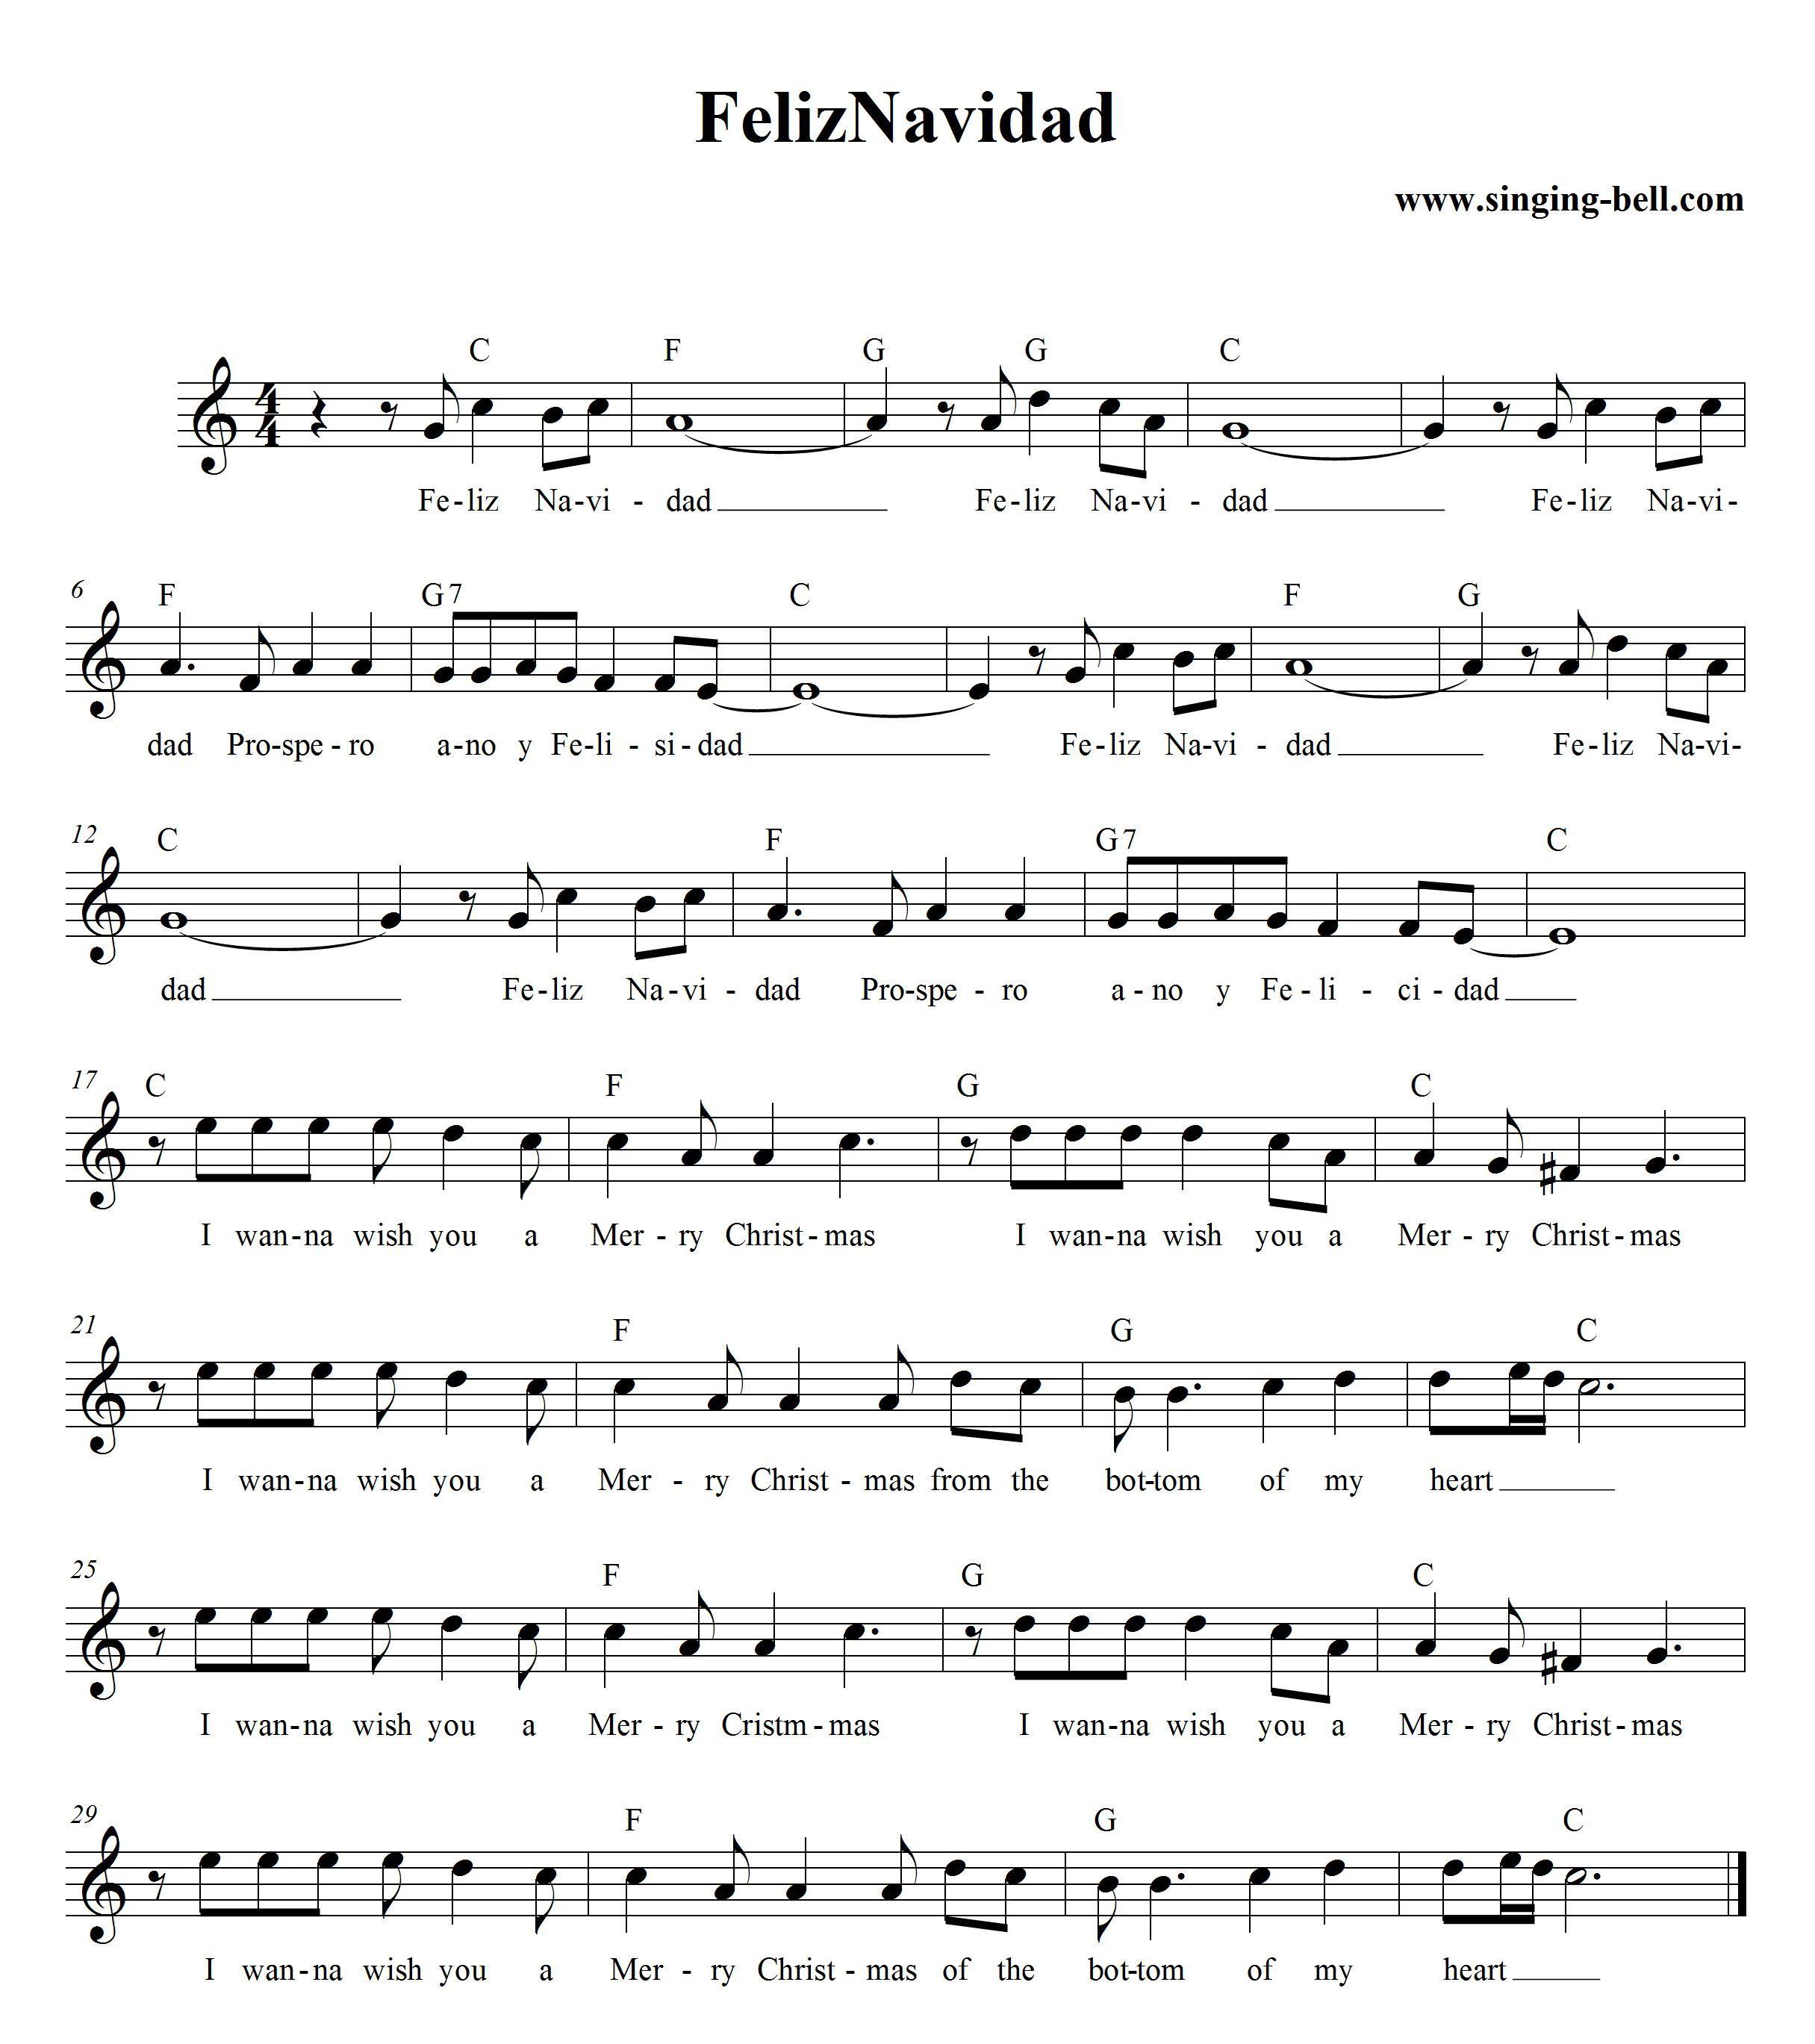 Free Printable Sheet Music For Piano: Navidad, Sheet Music And Pianos